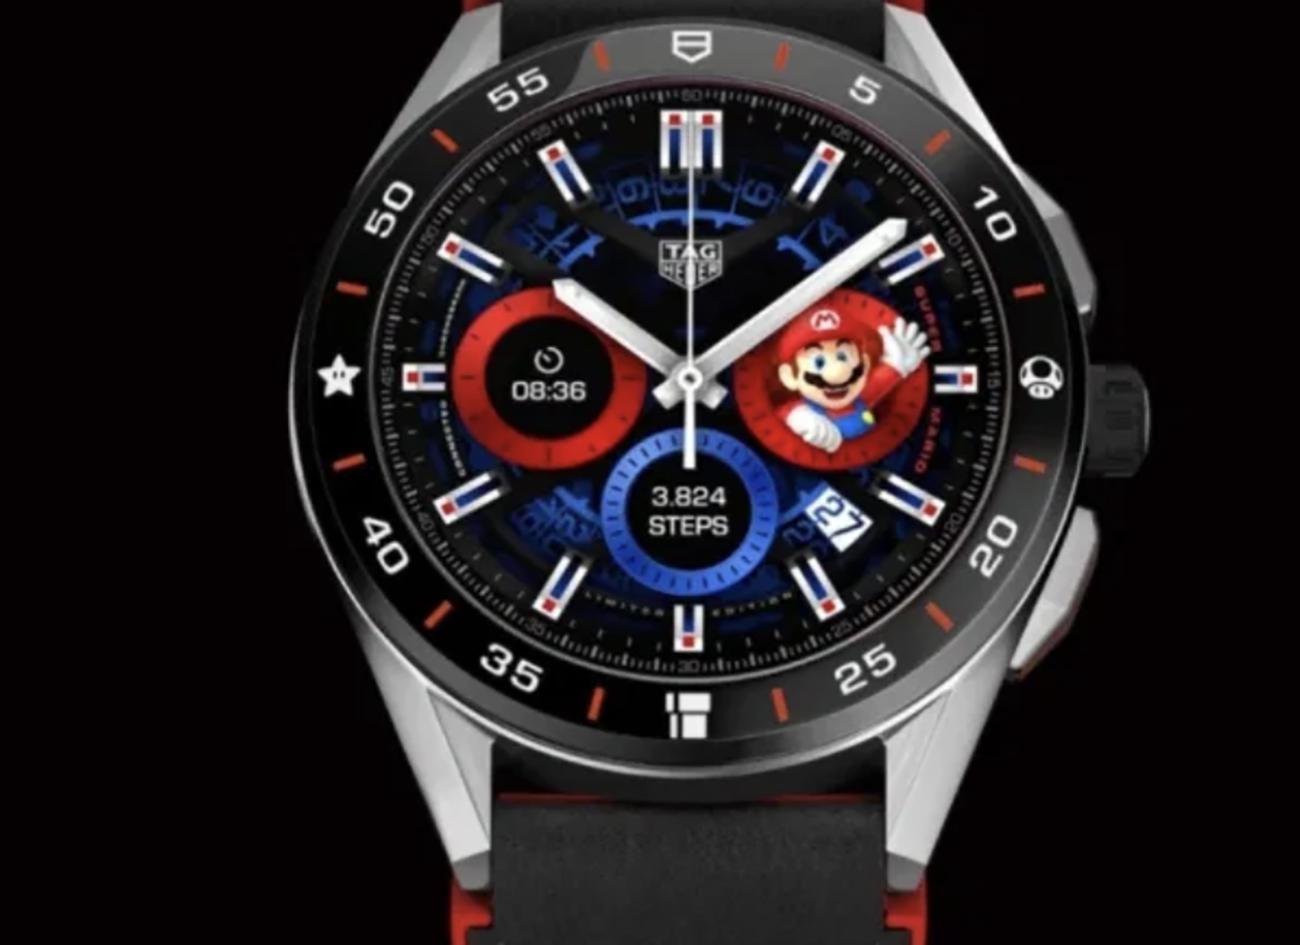 Το νέο smartwatch της TAG Heuer είναι αφιερωμένο στον Super Mario